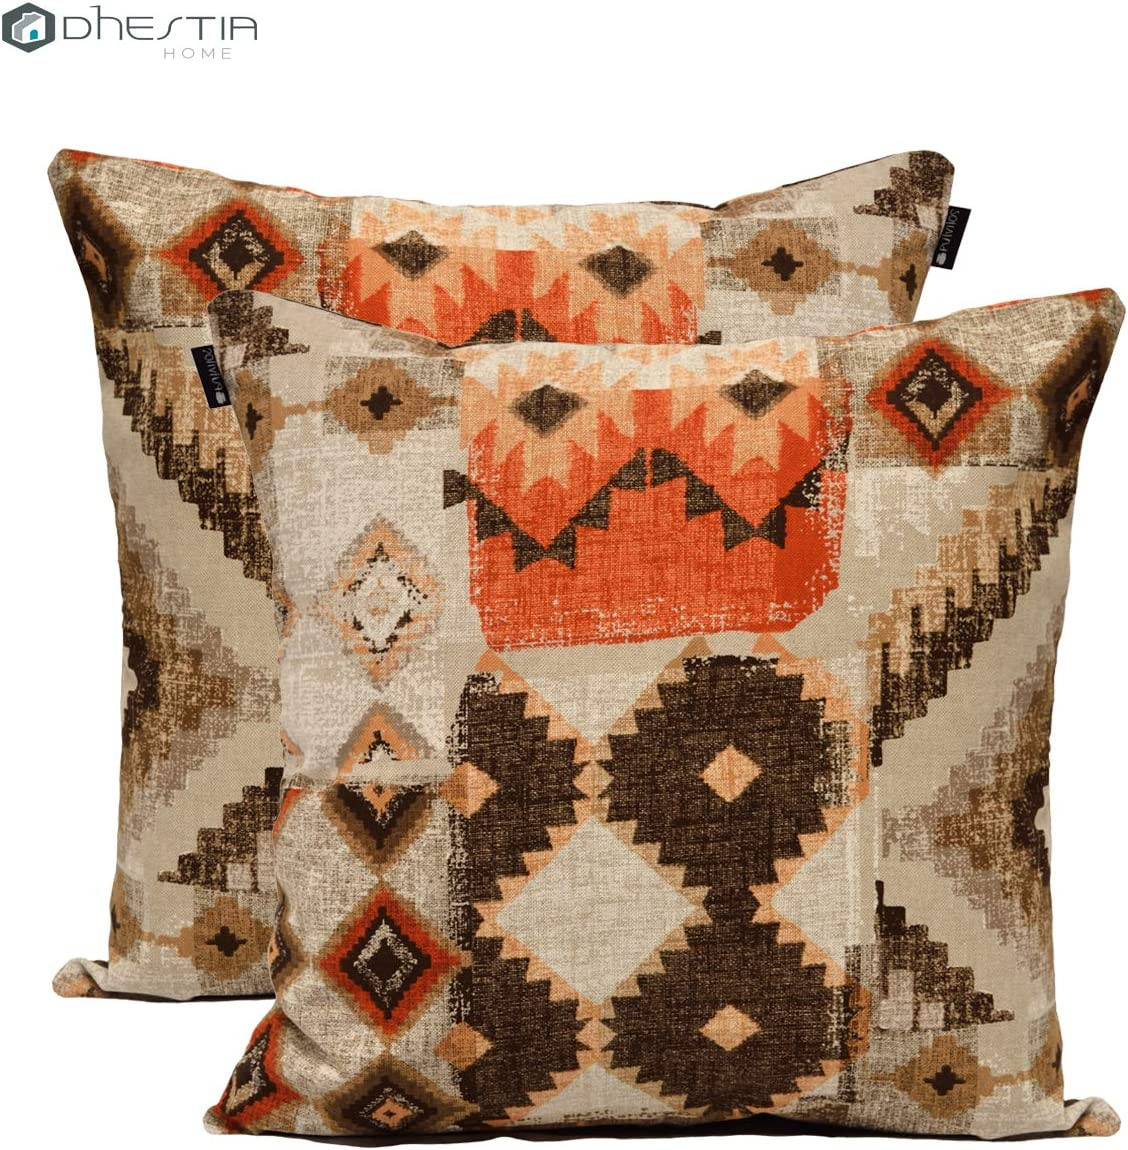 DHestia Pack x 2 Fundas Cojines Decoración Sofá y Cama 45x45 cm Diseño (Etnic 156), Multicolor, 45 x 45 cm: Amazon.es: Hogar